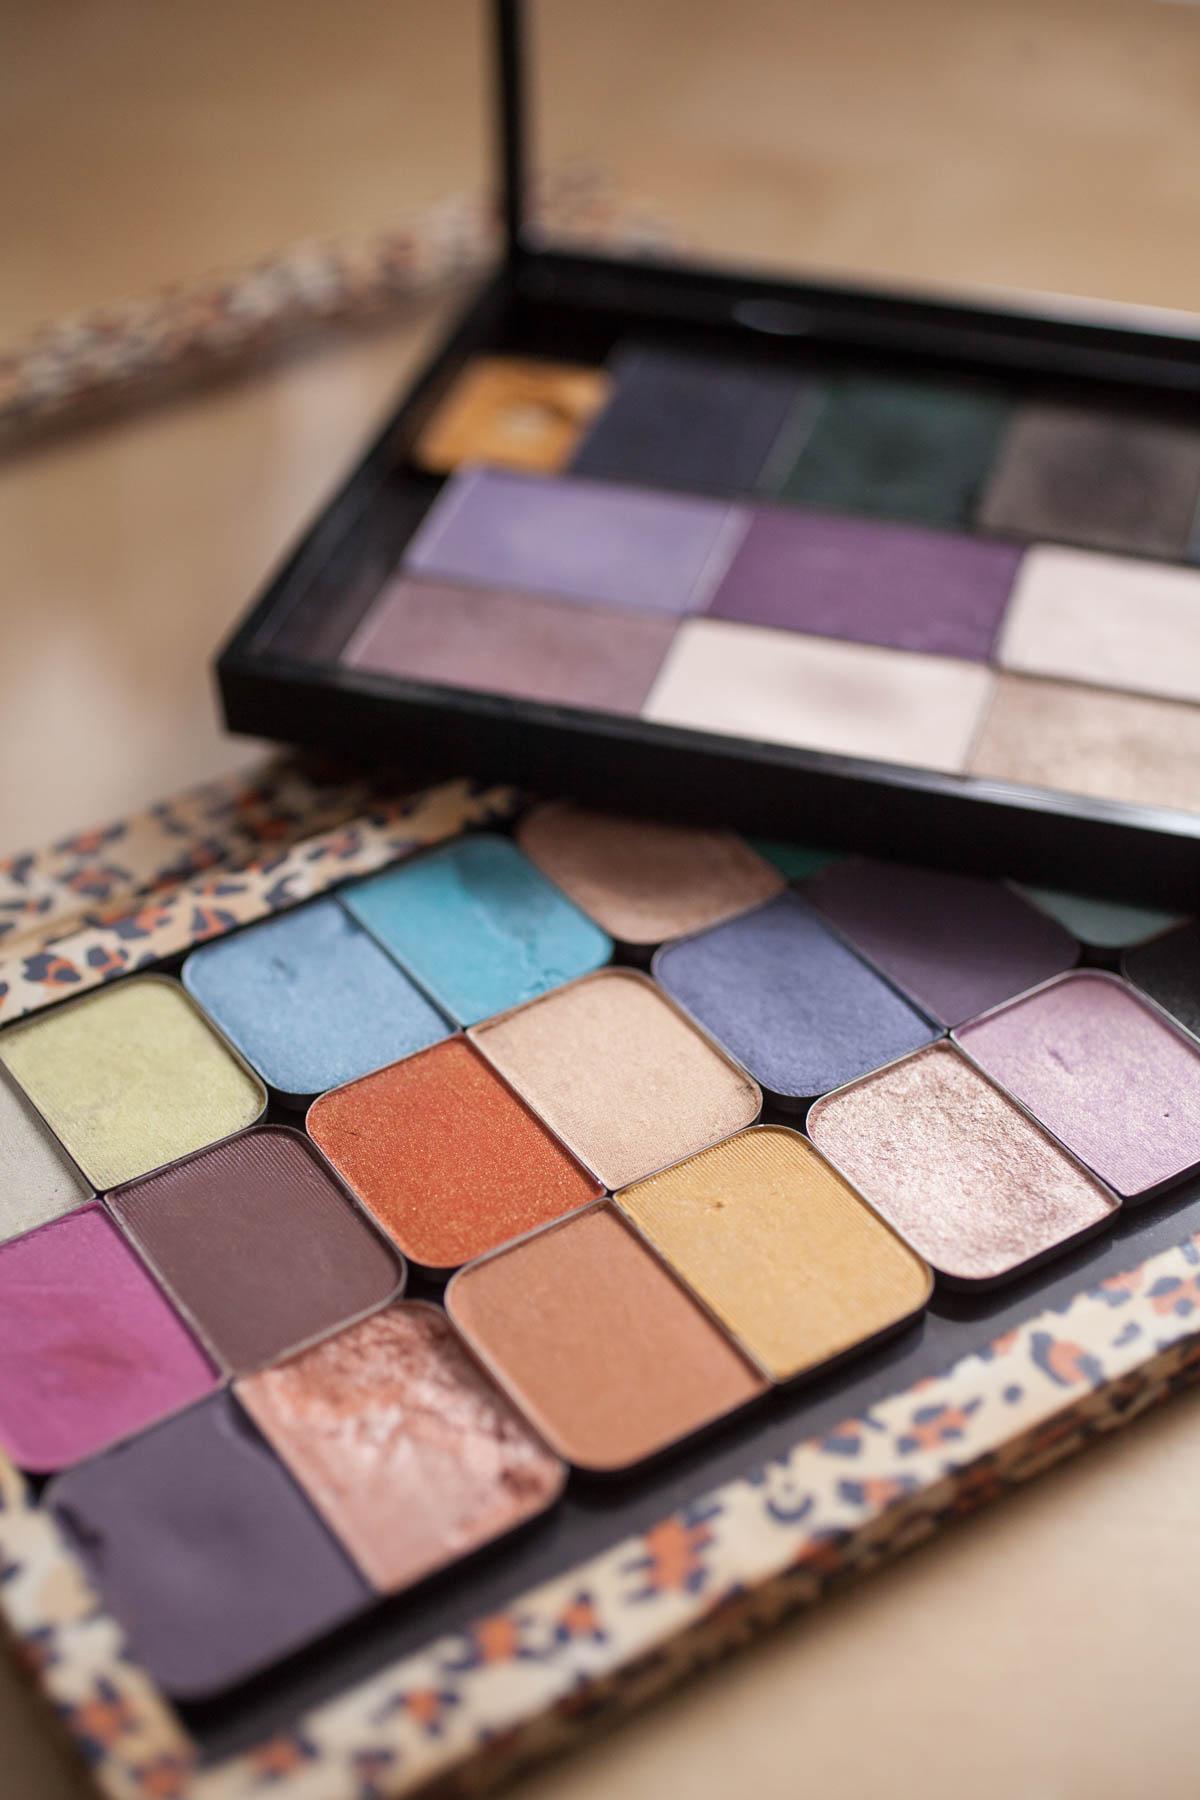 NARS Pro Palette Eyeshadow Blush Refills 2015